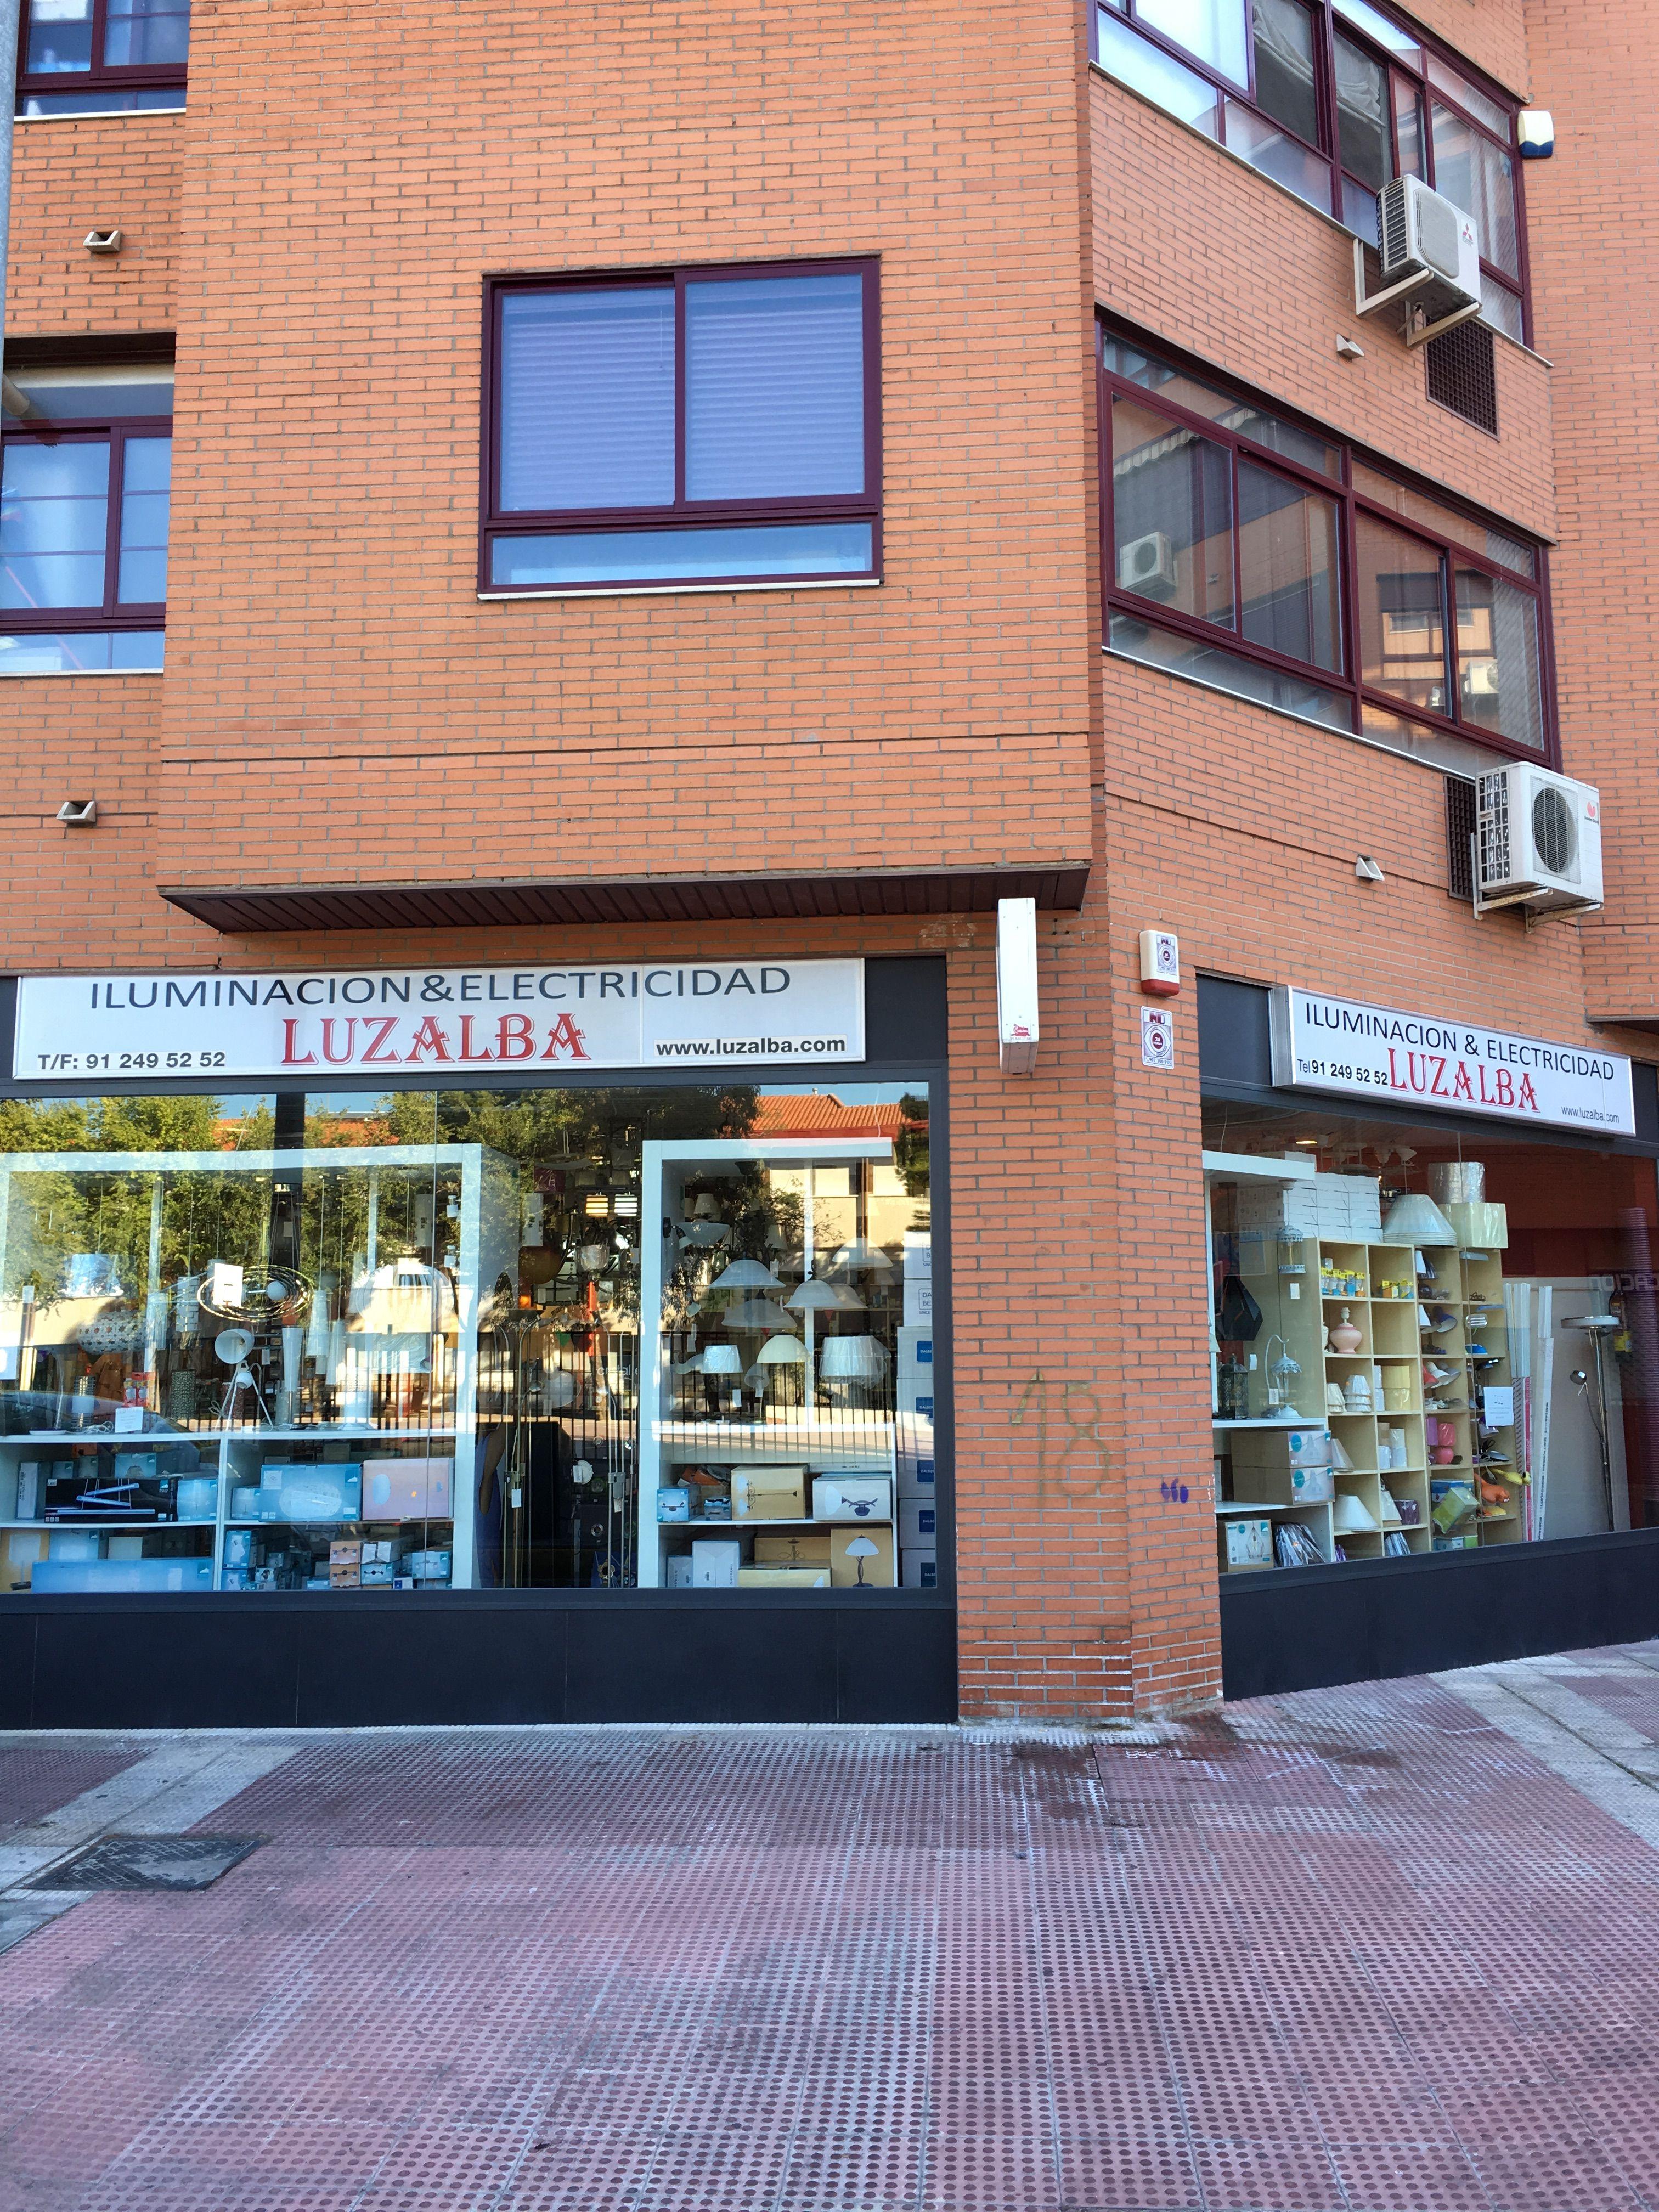 Fachada de la tienda Luzalba